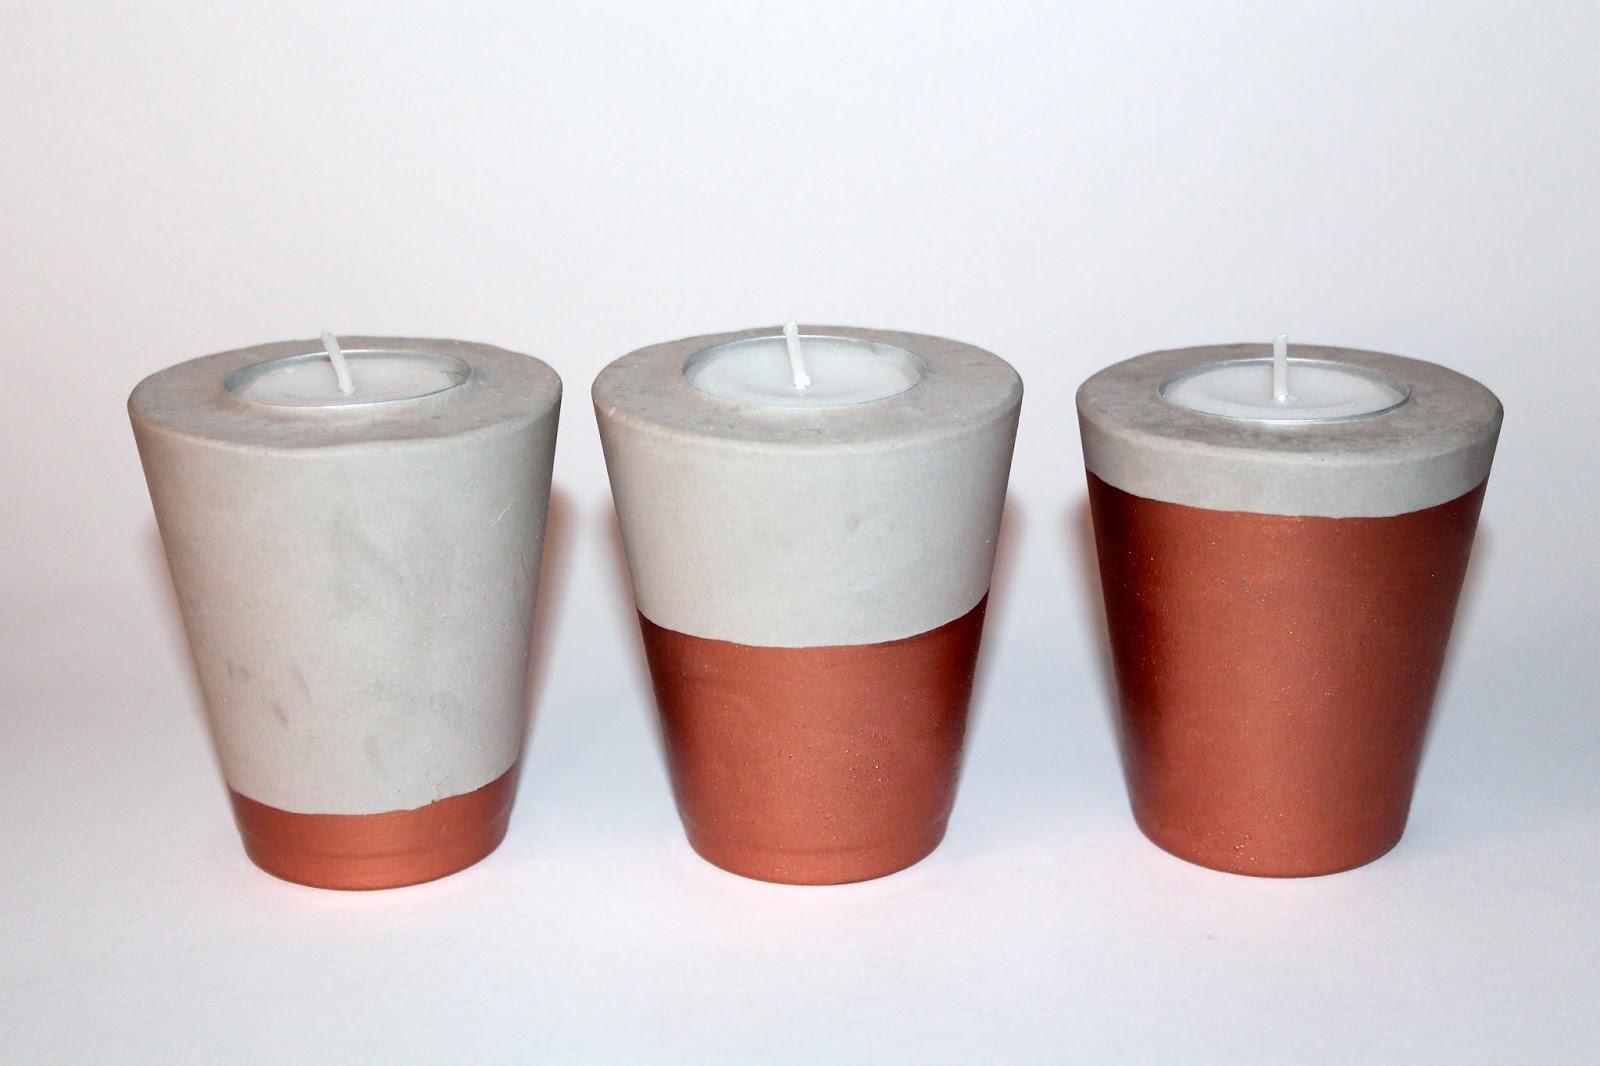 DIY, Basteln: Gips / Beton Teelichthalter in Kupfer als Dekoration - DIYCarinchen